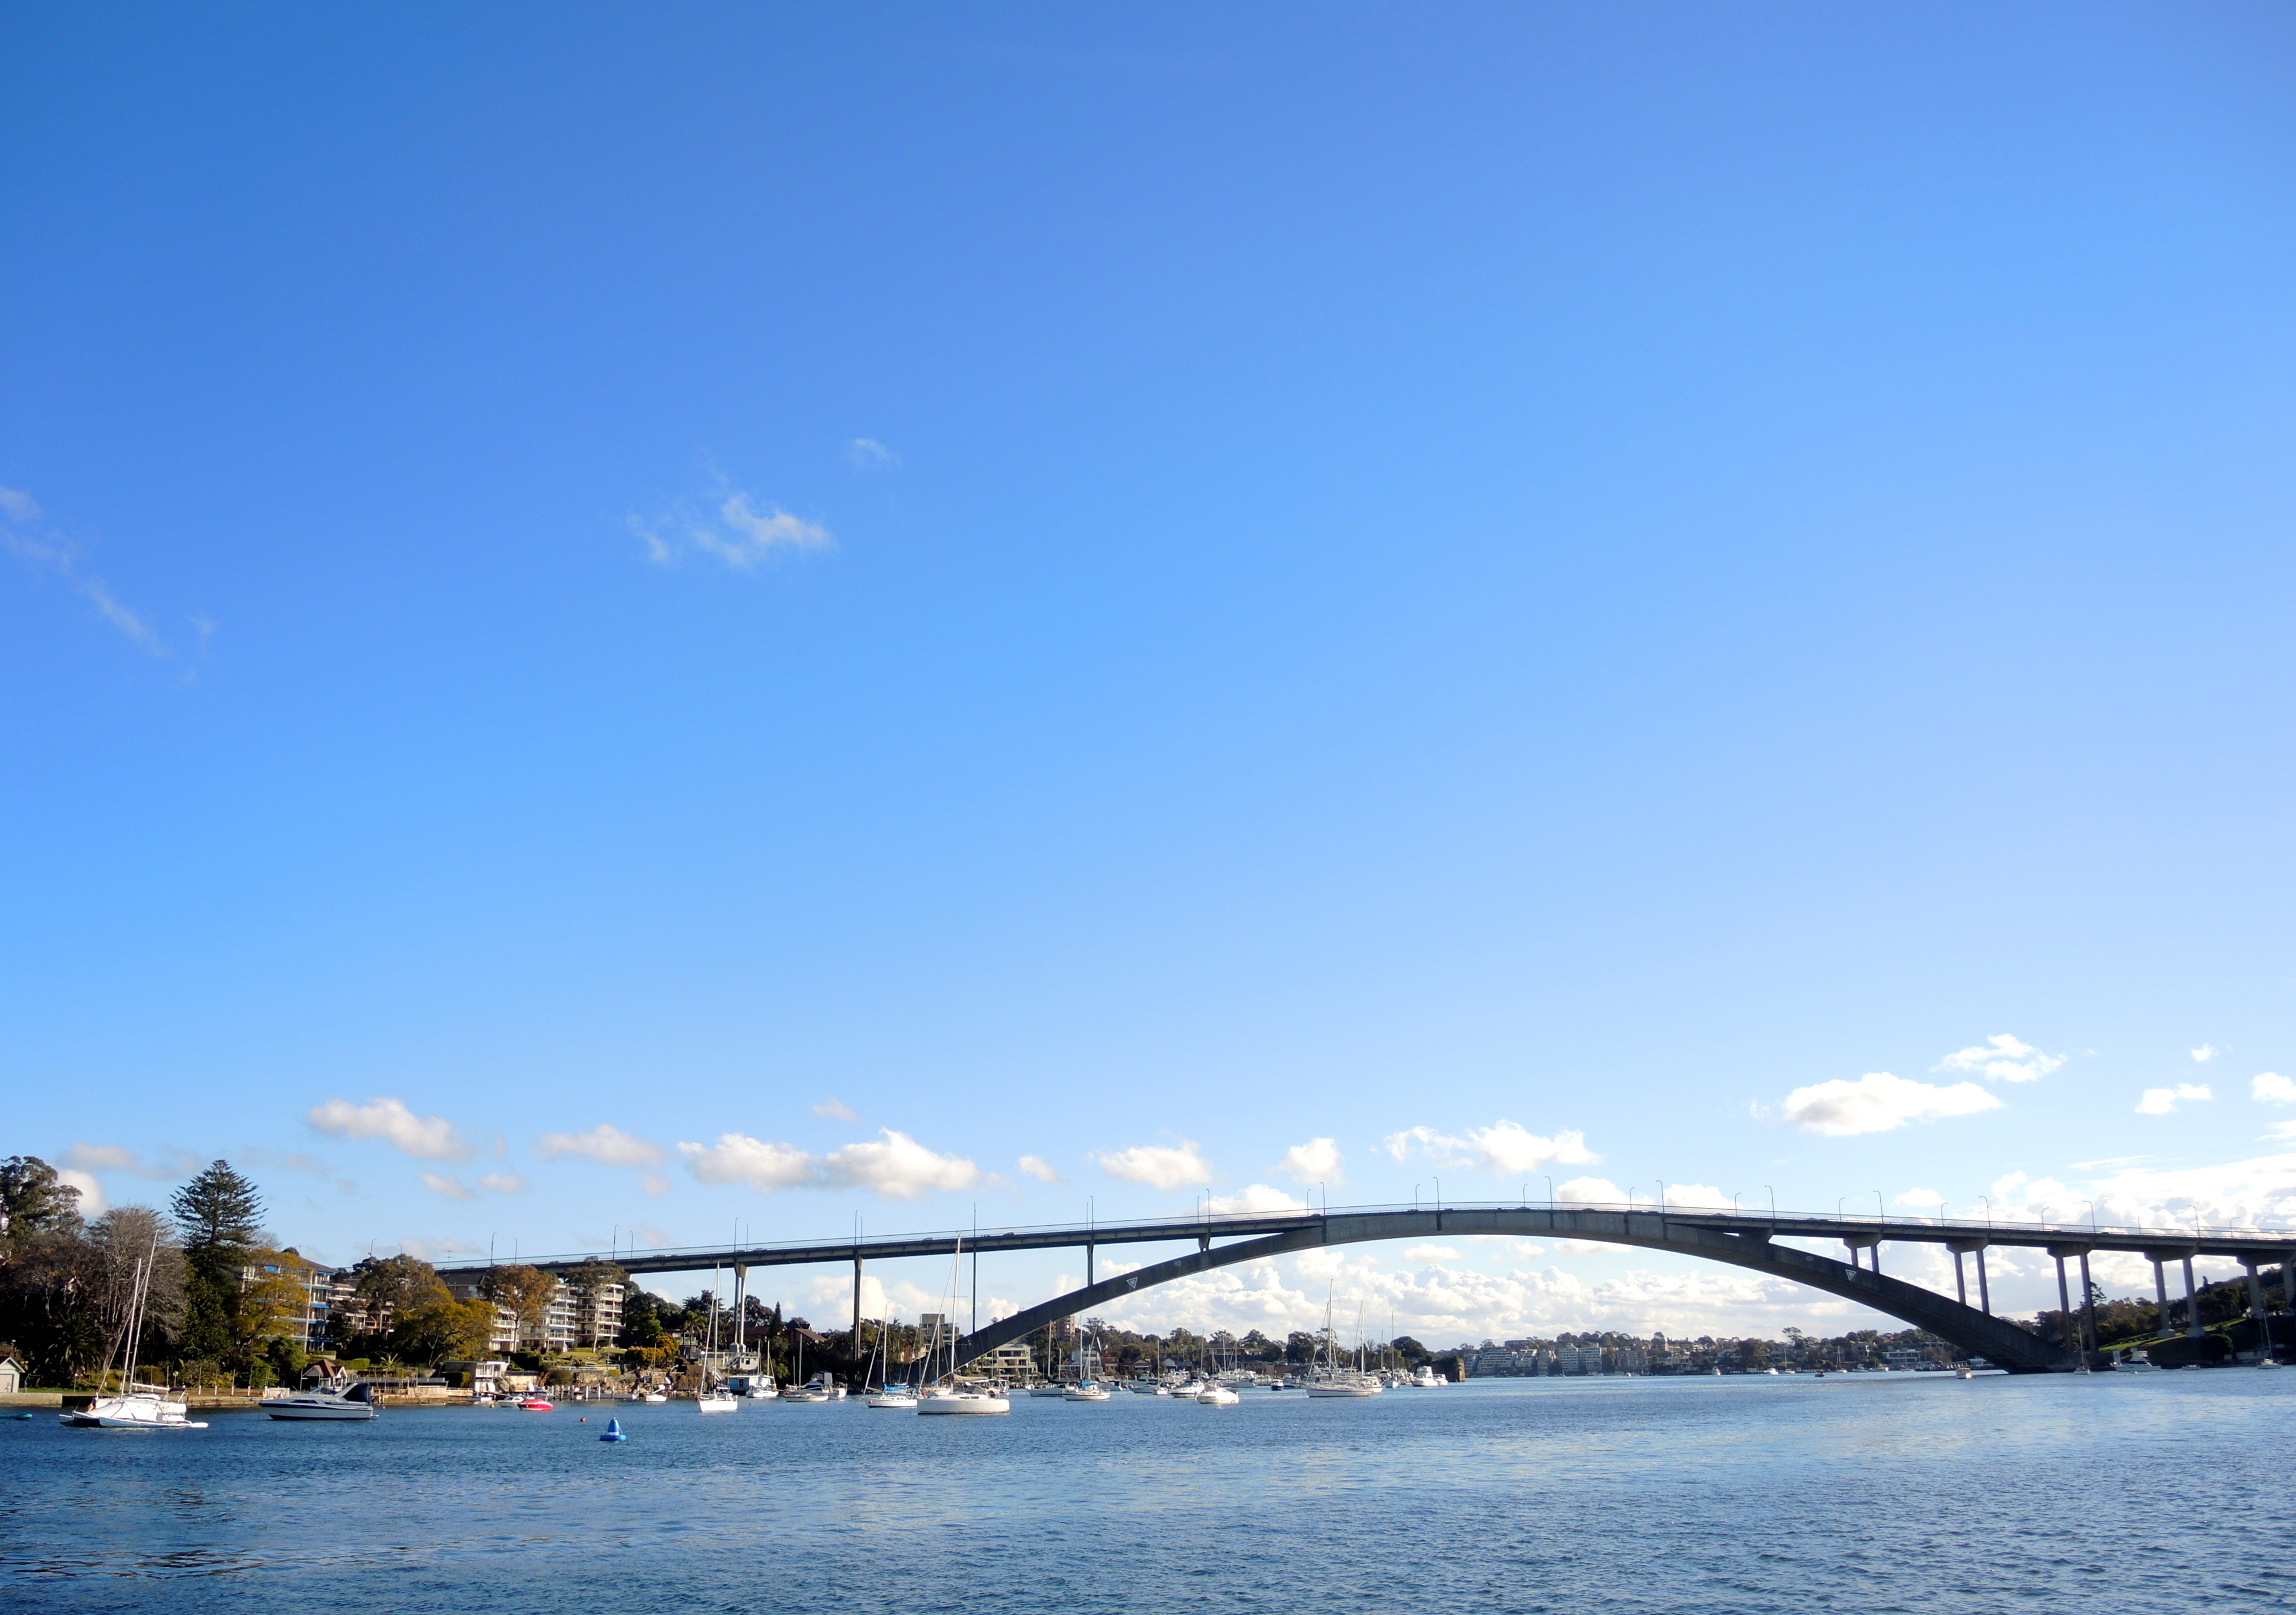 sydney parramatta ferry - photo#27